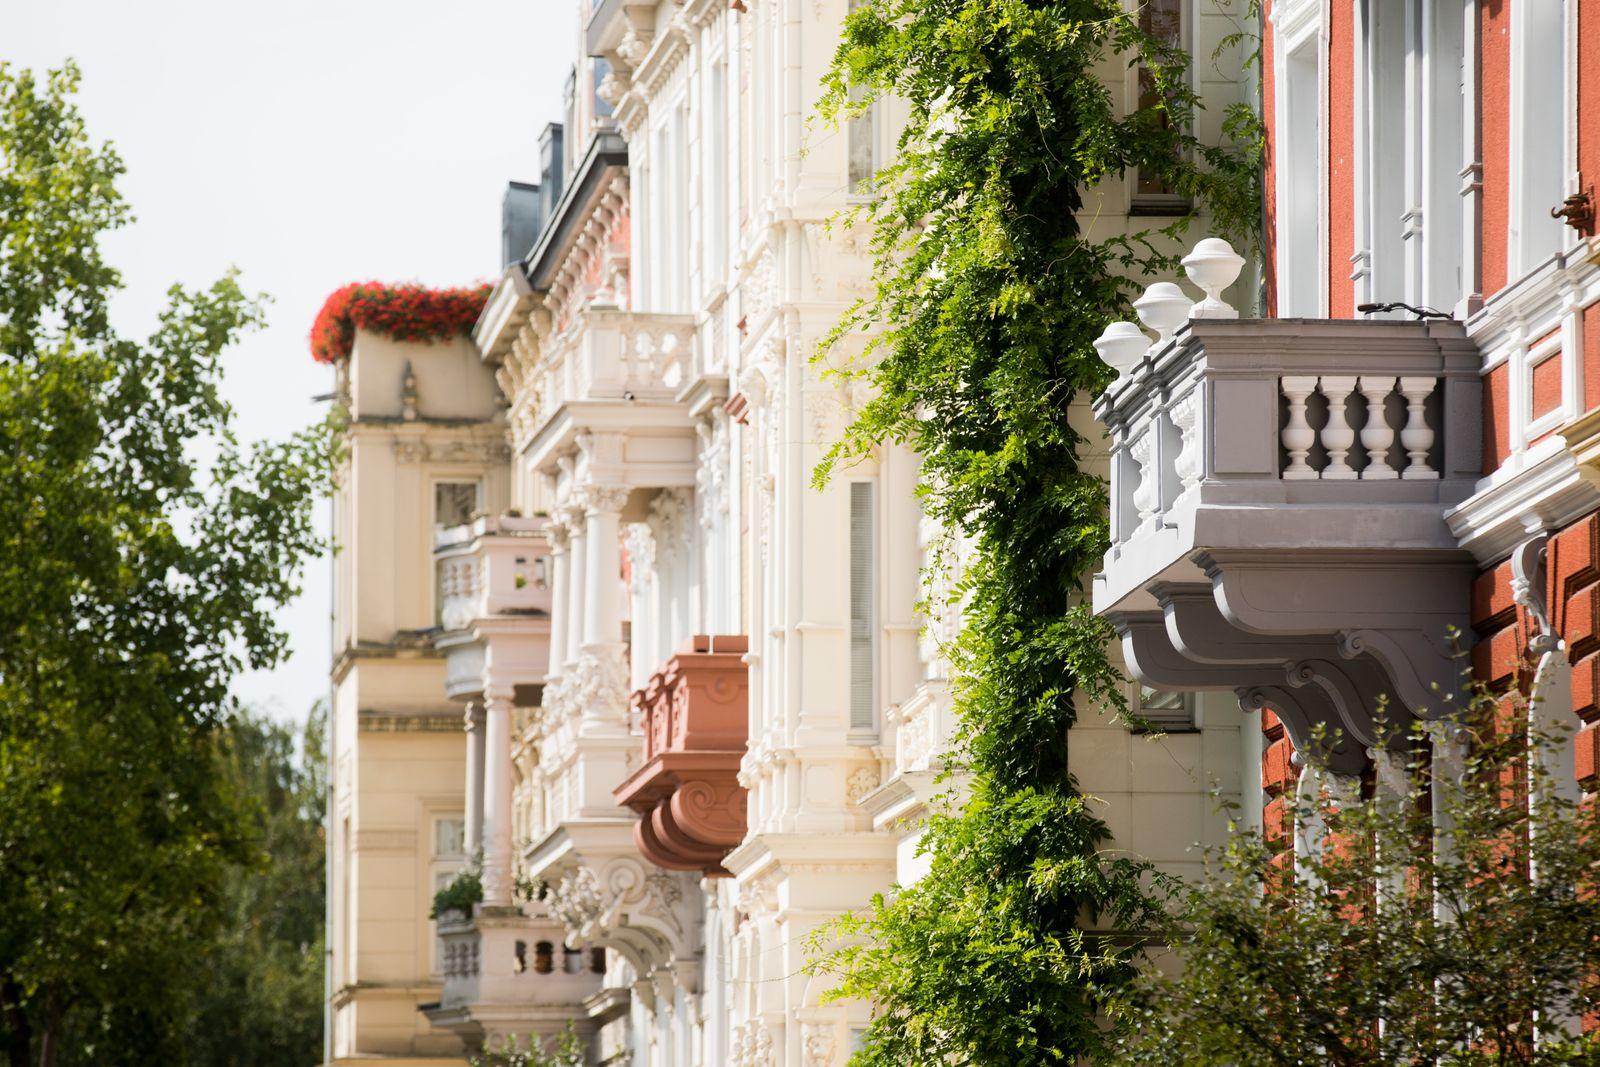 Immobilien / Wohnungen / Wohnung / Eigentumswohnung / Häuser / Immobilienblase